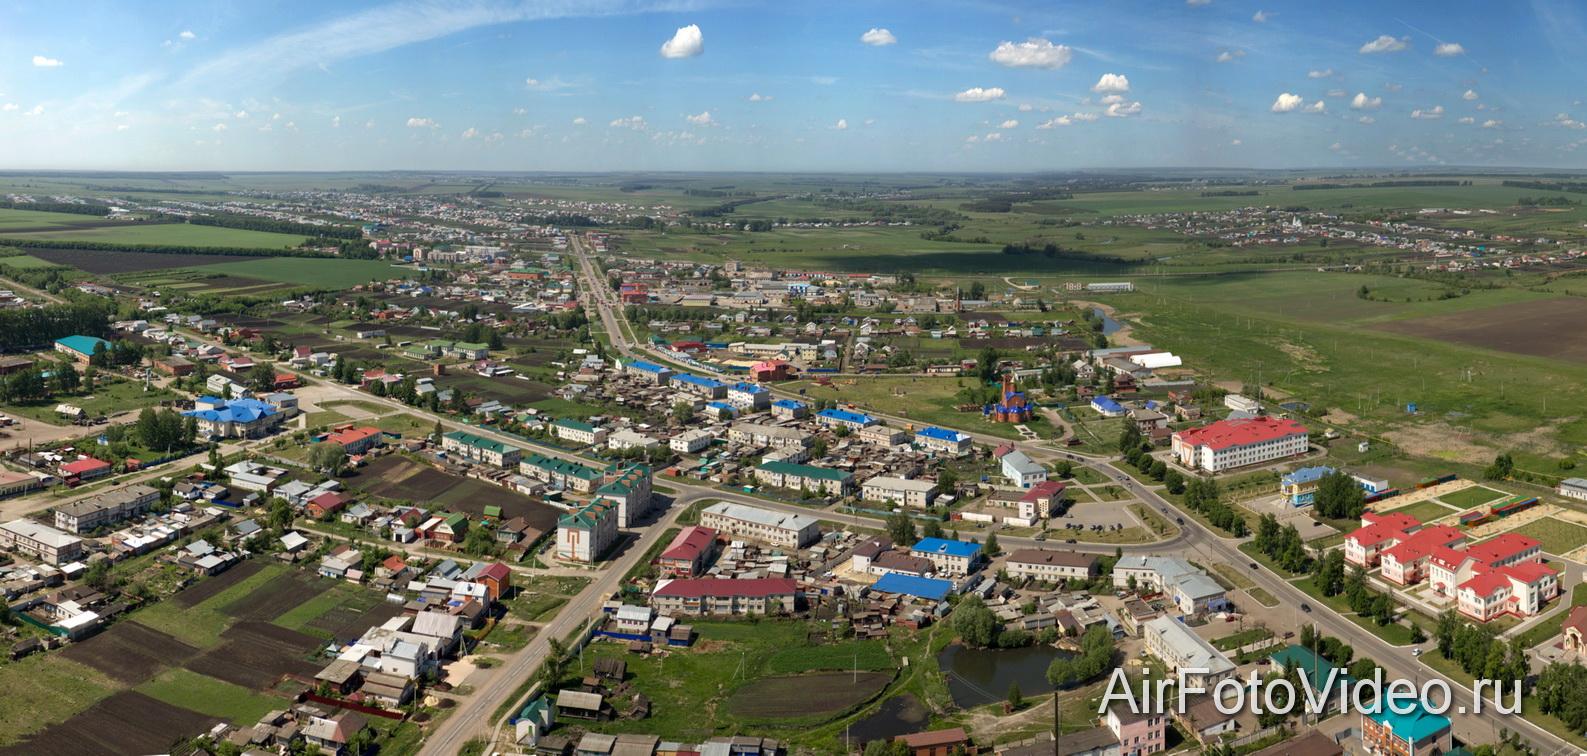 село батырево фото мне